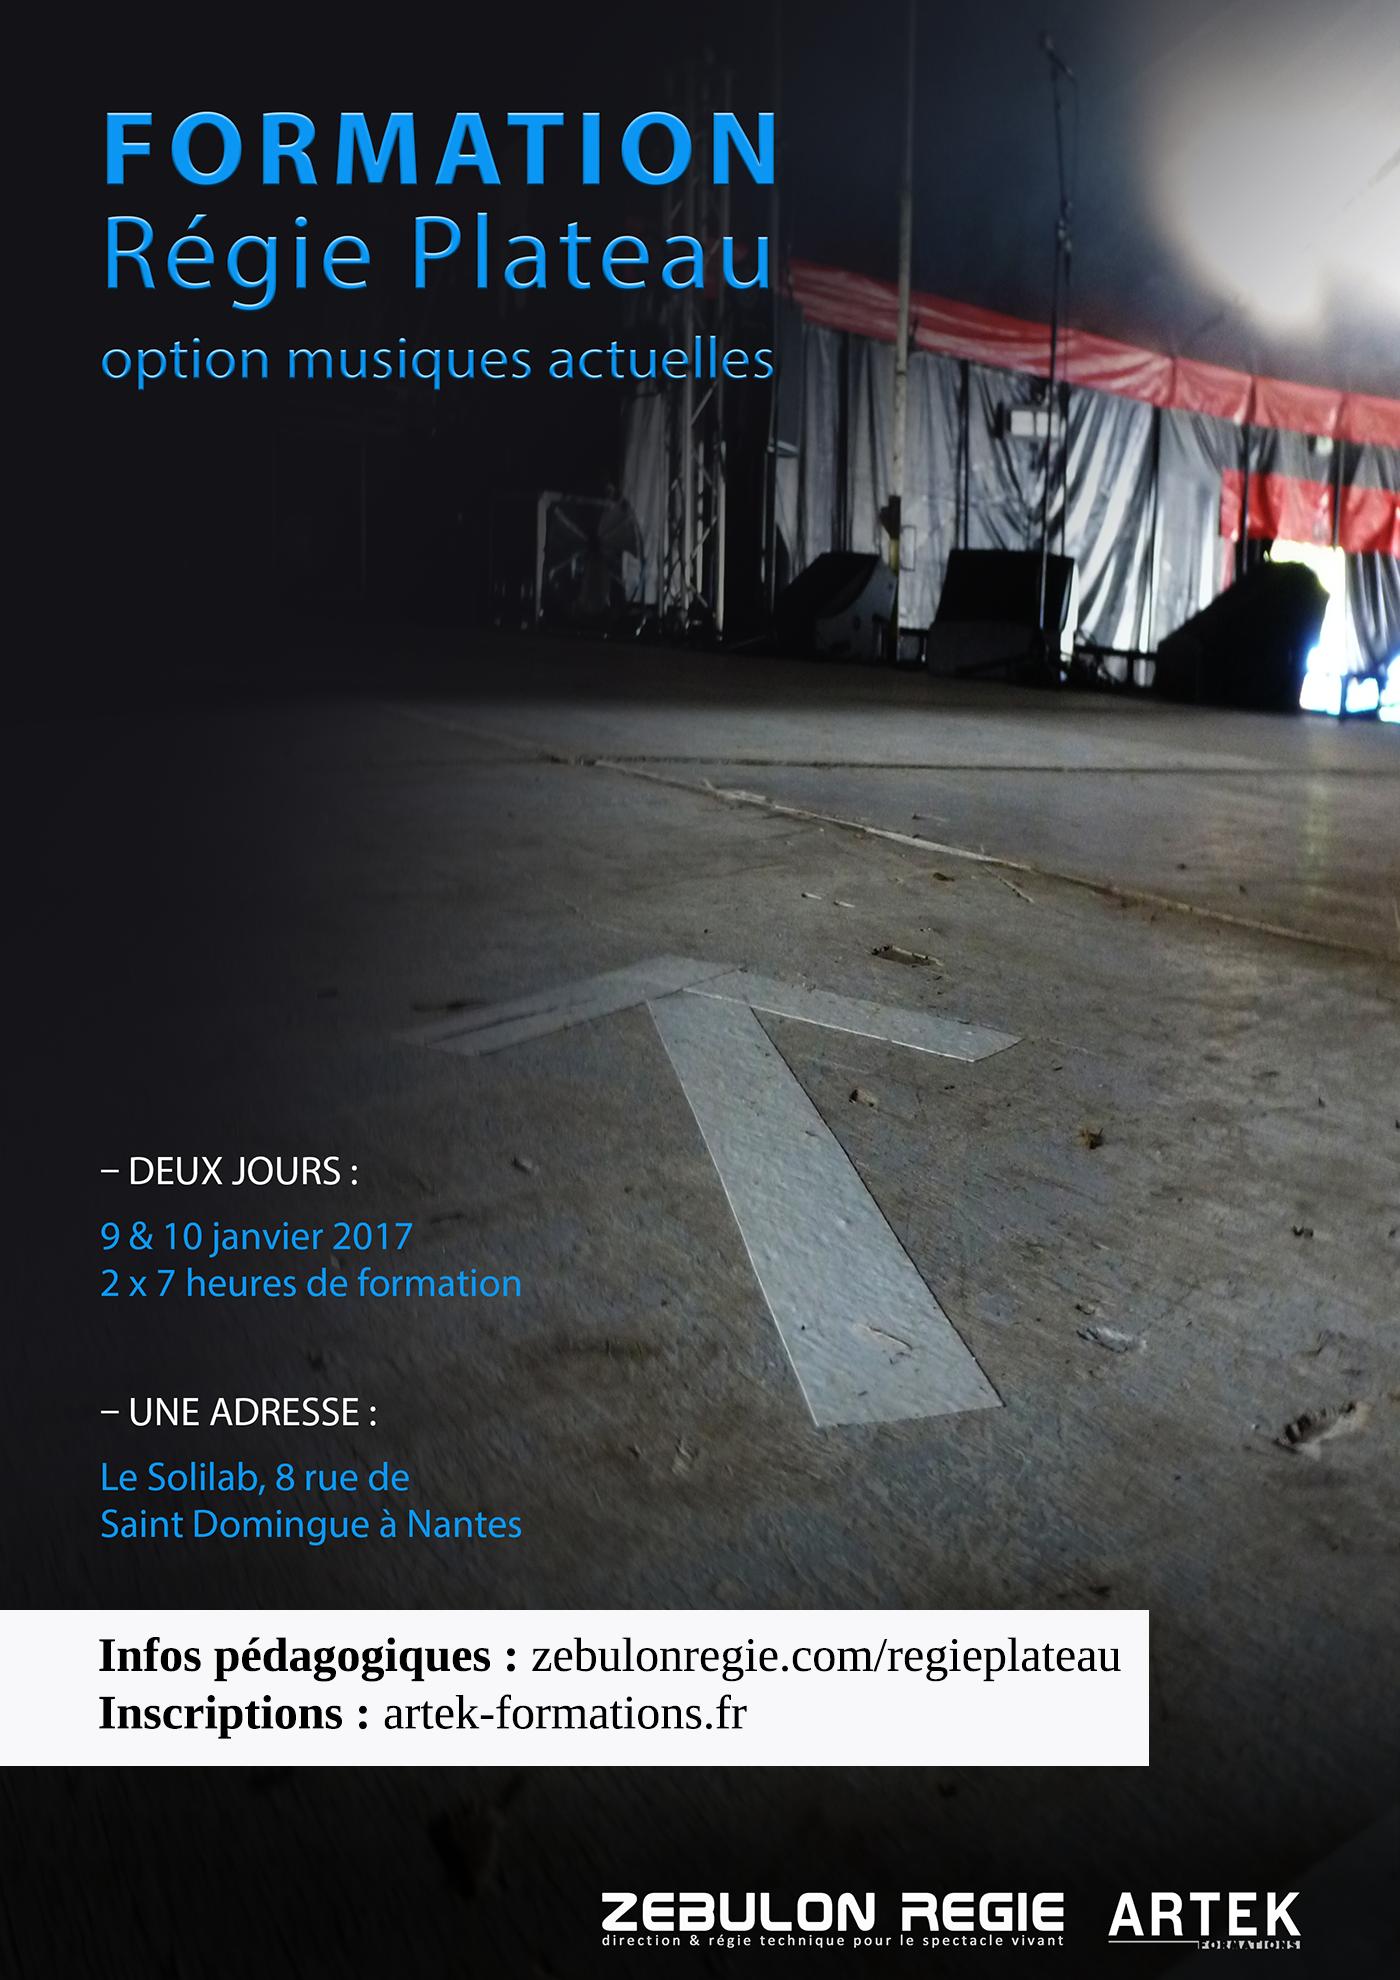 Formation-Régie-Plateau-ARTEK-Zebulon-Regie-Nantes